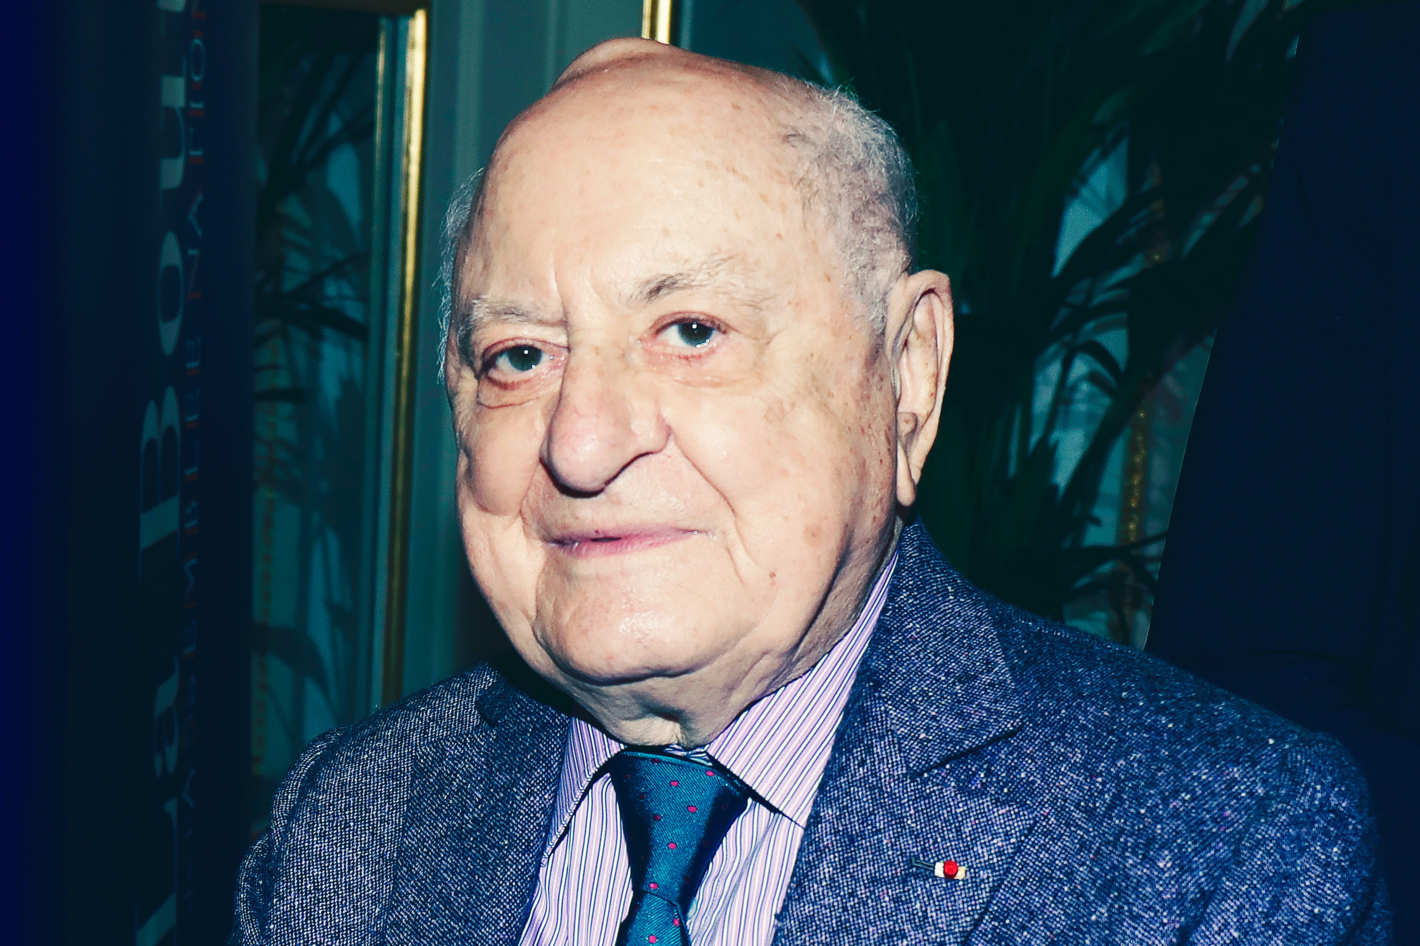 Fashion icon, Saint Laurent's partner, Pierre Bergé dies at 86